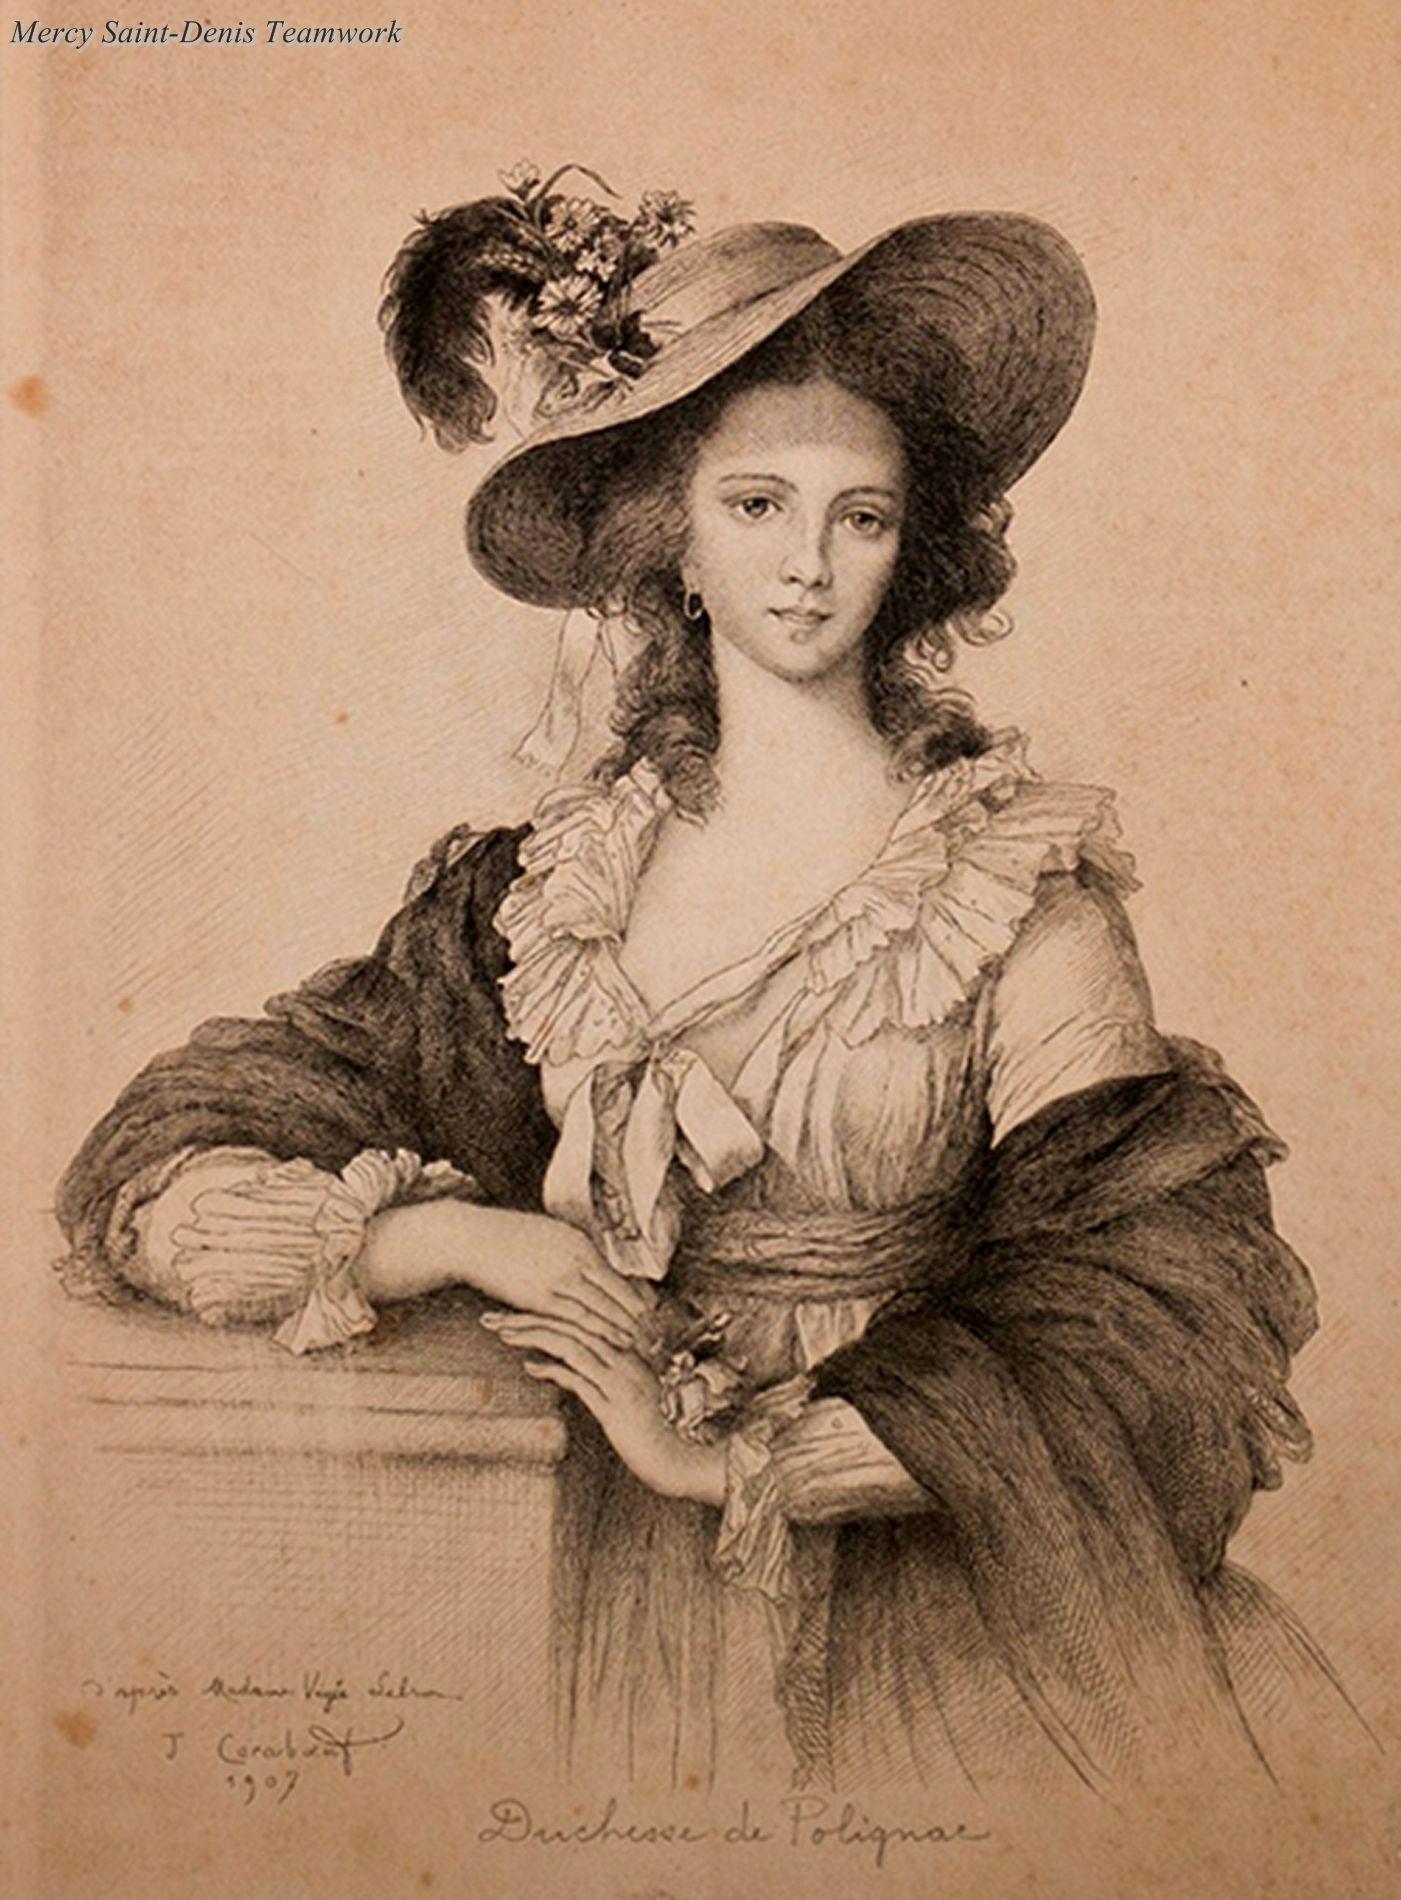 A 1907 engraving of the Duchesse de Polignac. Yolande Martine Gabrielle de  Polastron 3020ede378ac